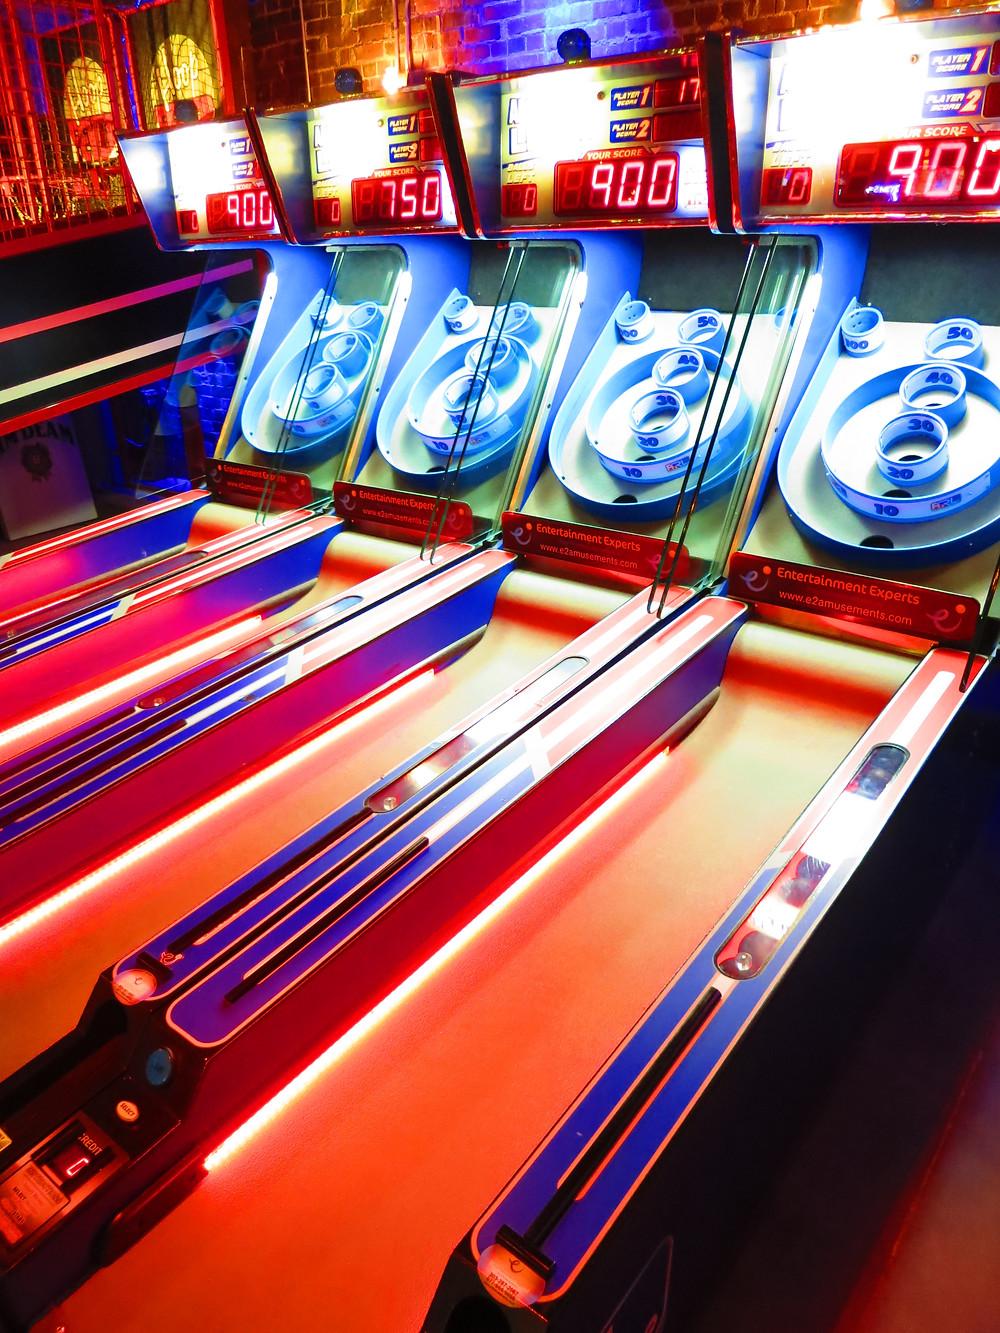 Denver Arcade in a Bar